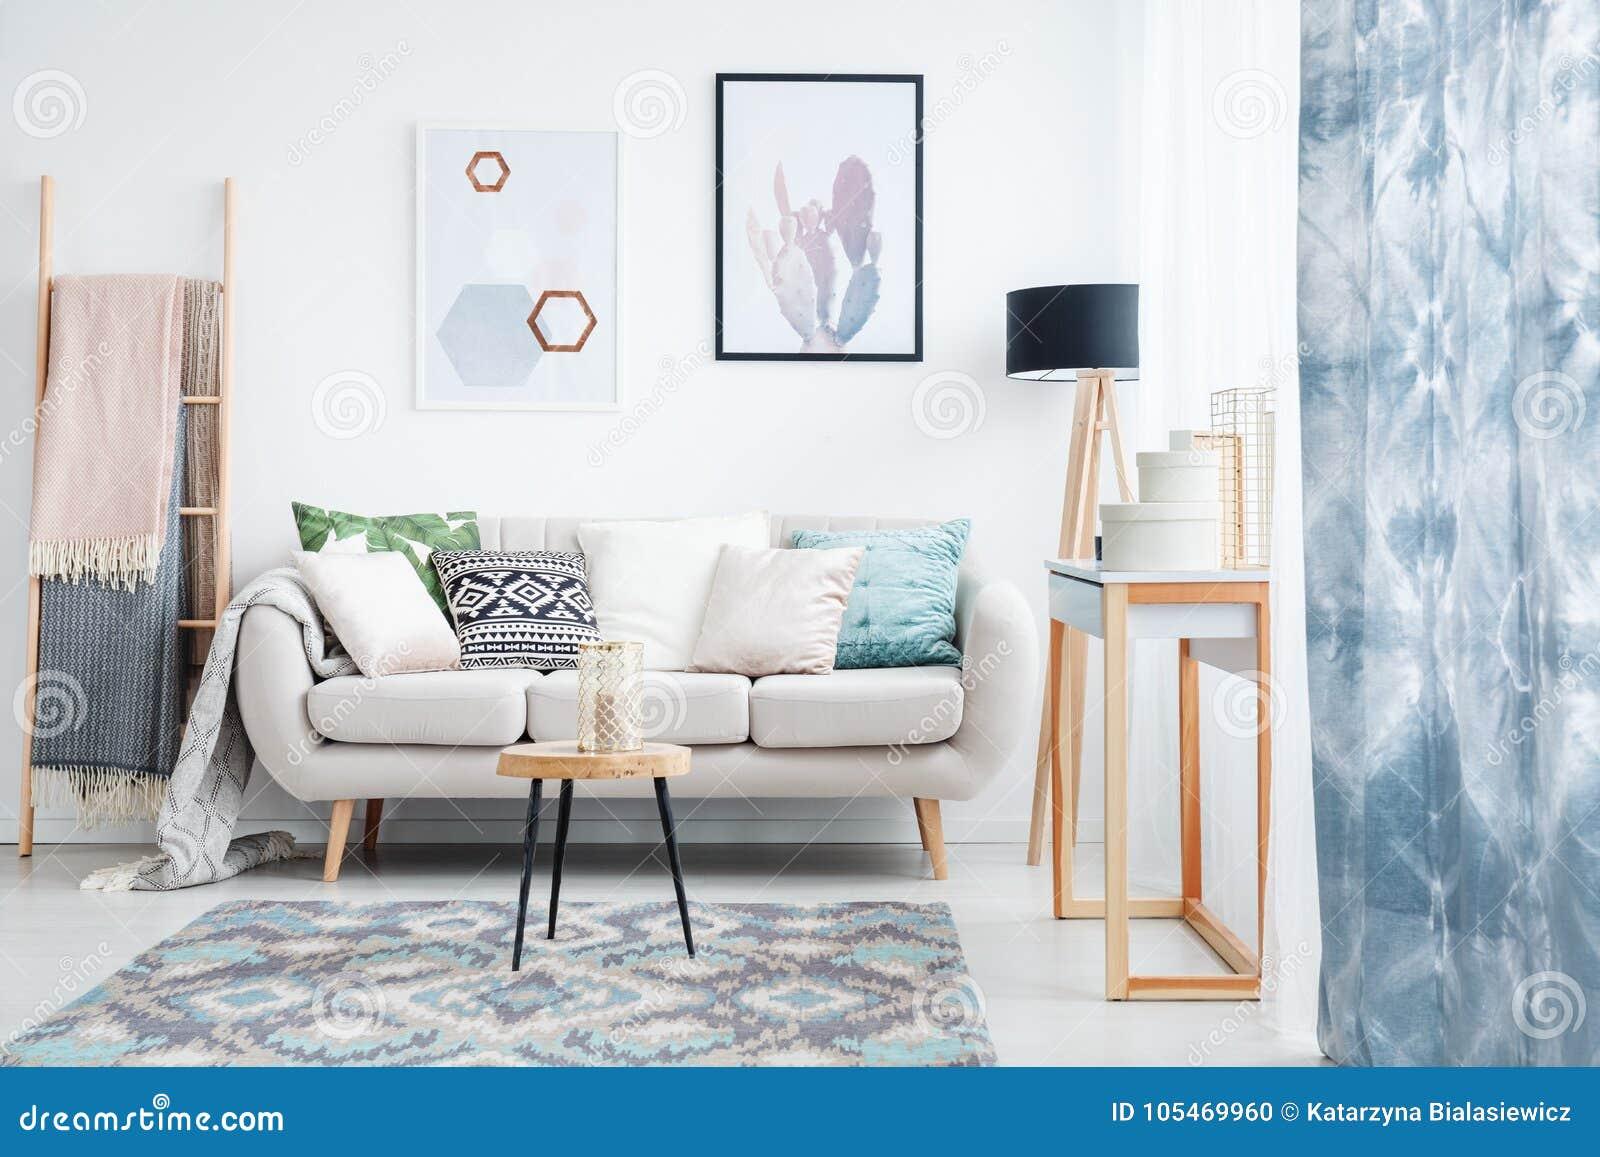 Tapijt In Woonkamer : Blauw gordijn in woonkamer stock foto afbeelding bestaande uit